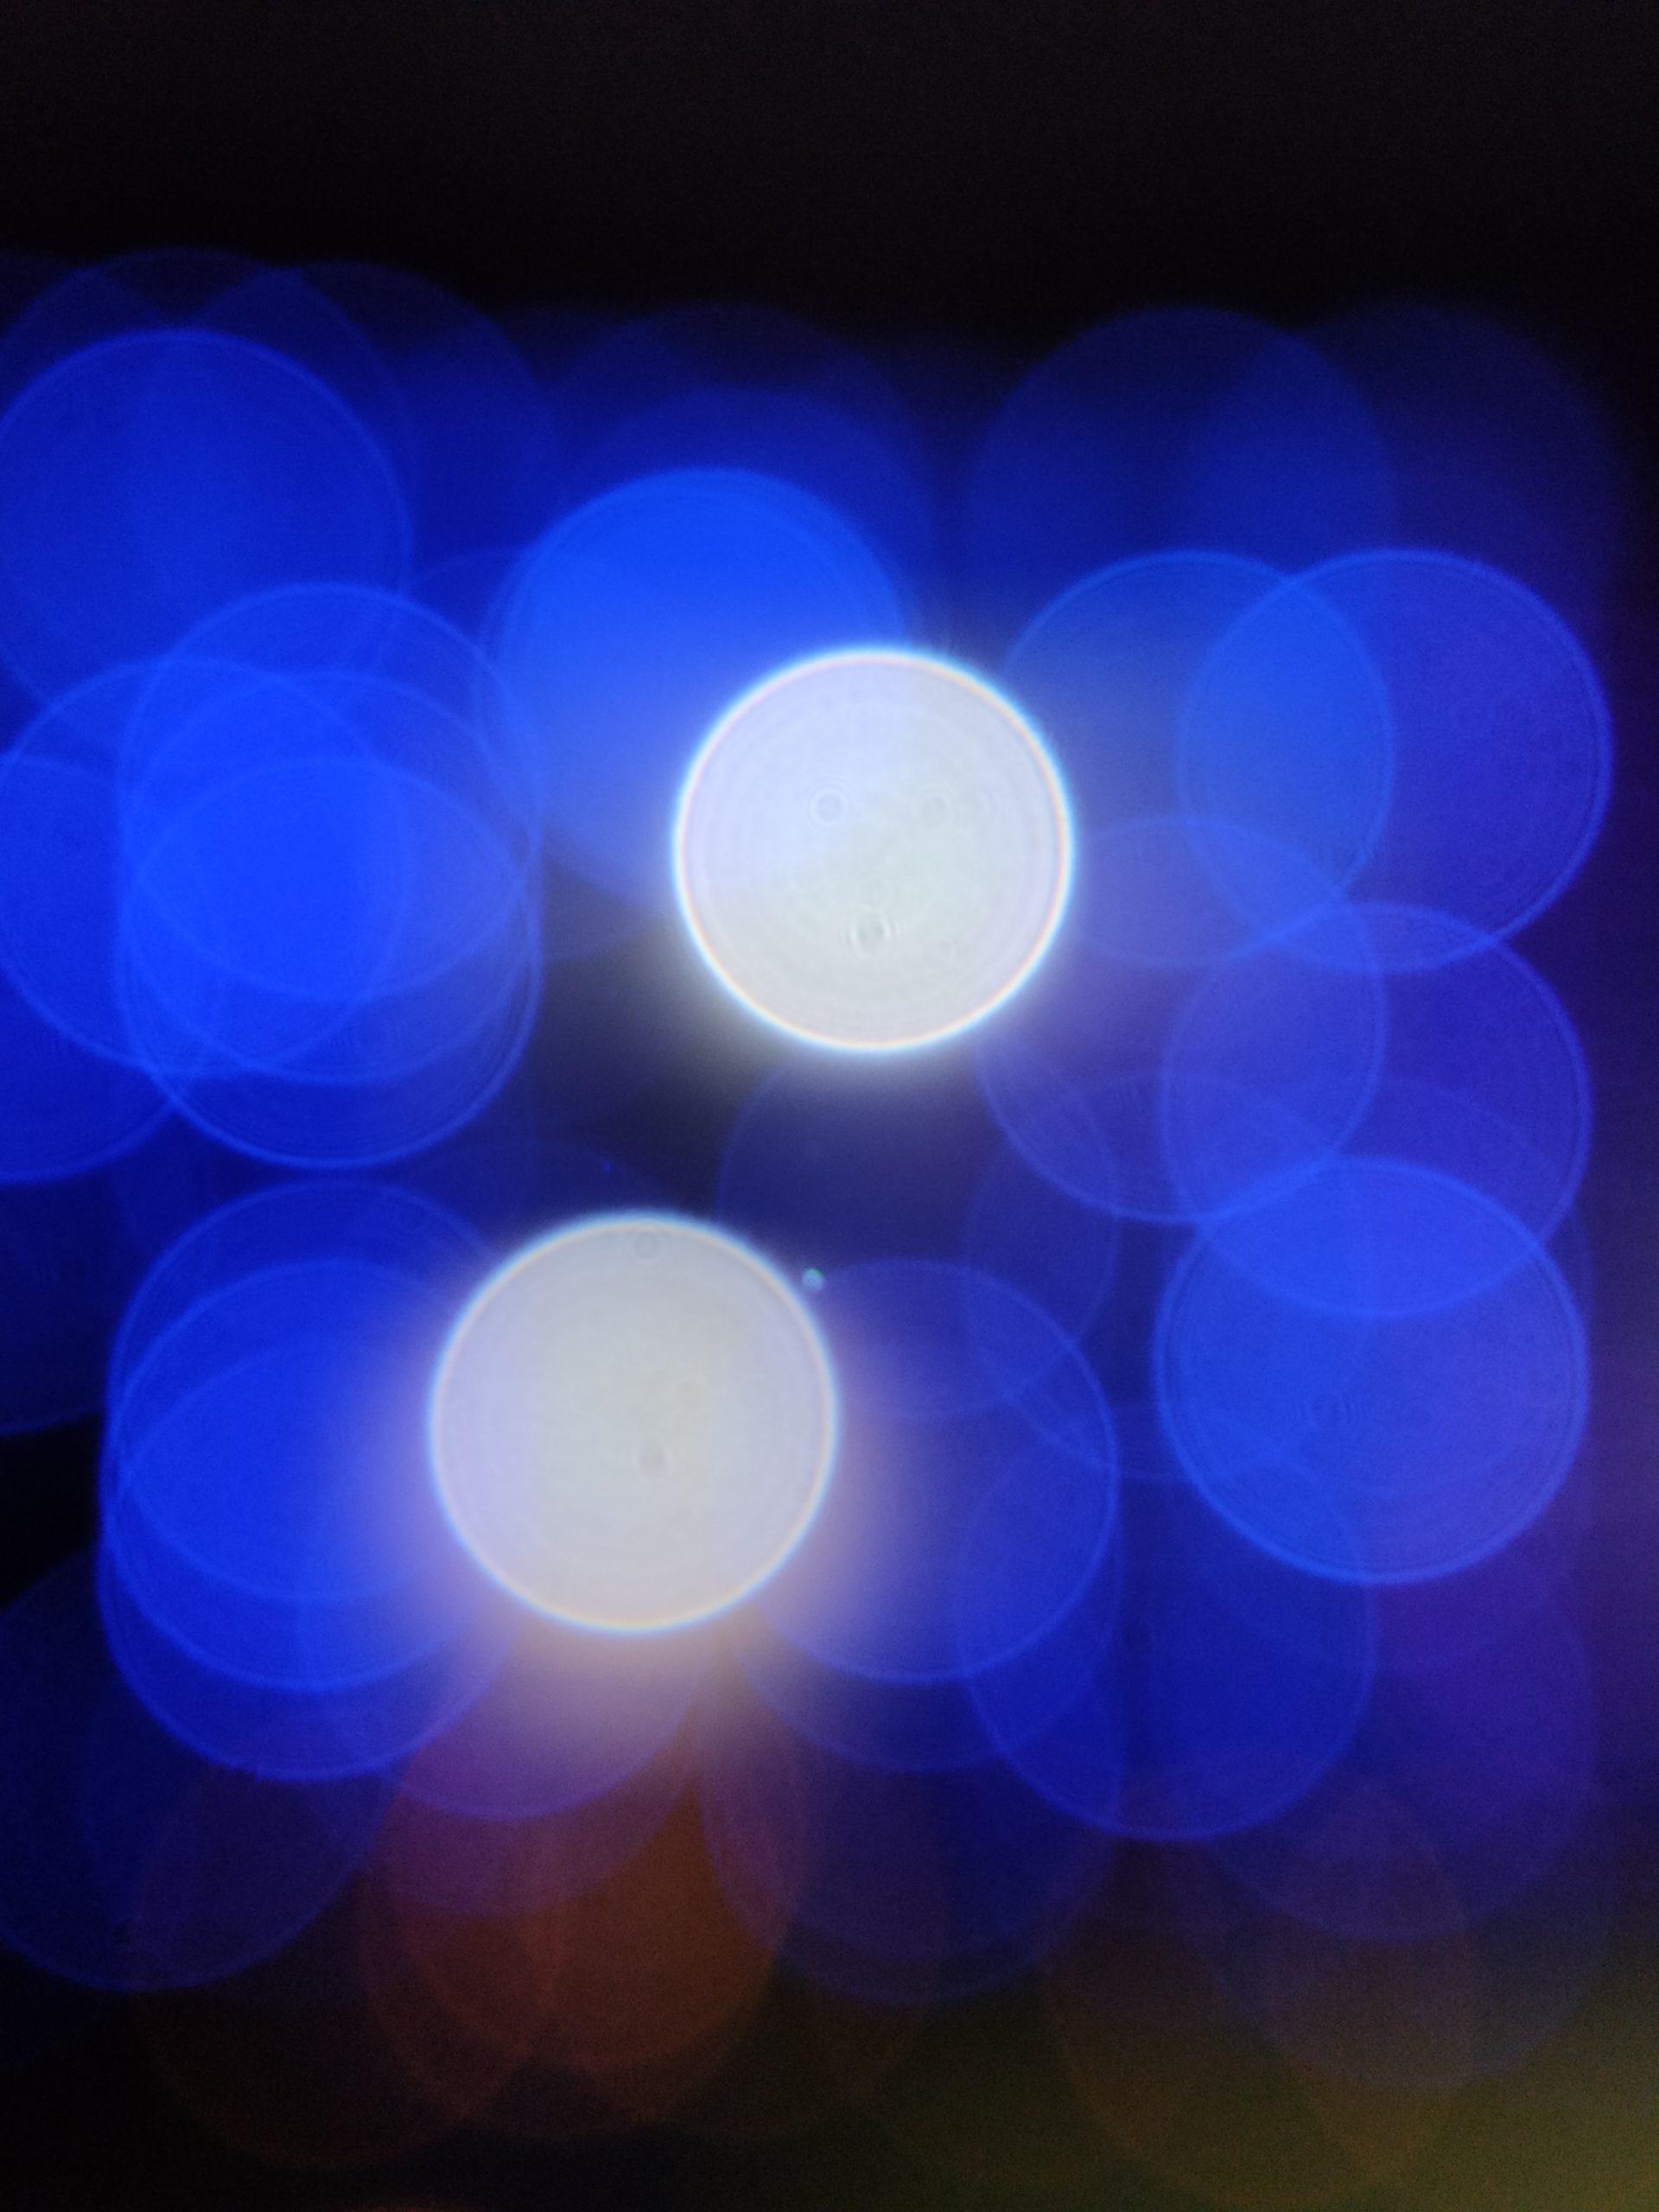 Blue light bokeh